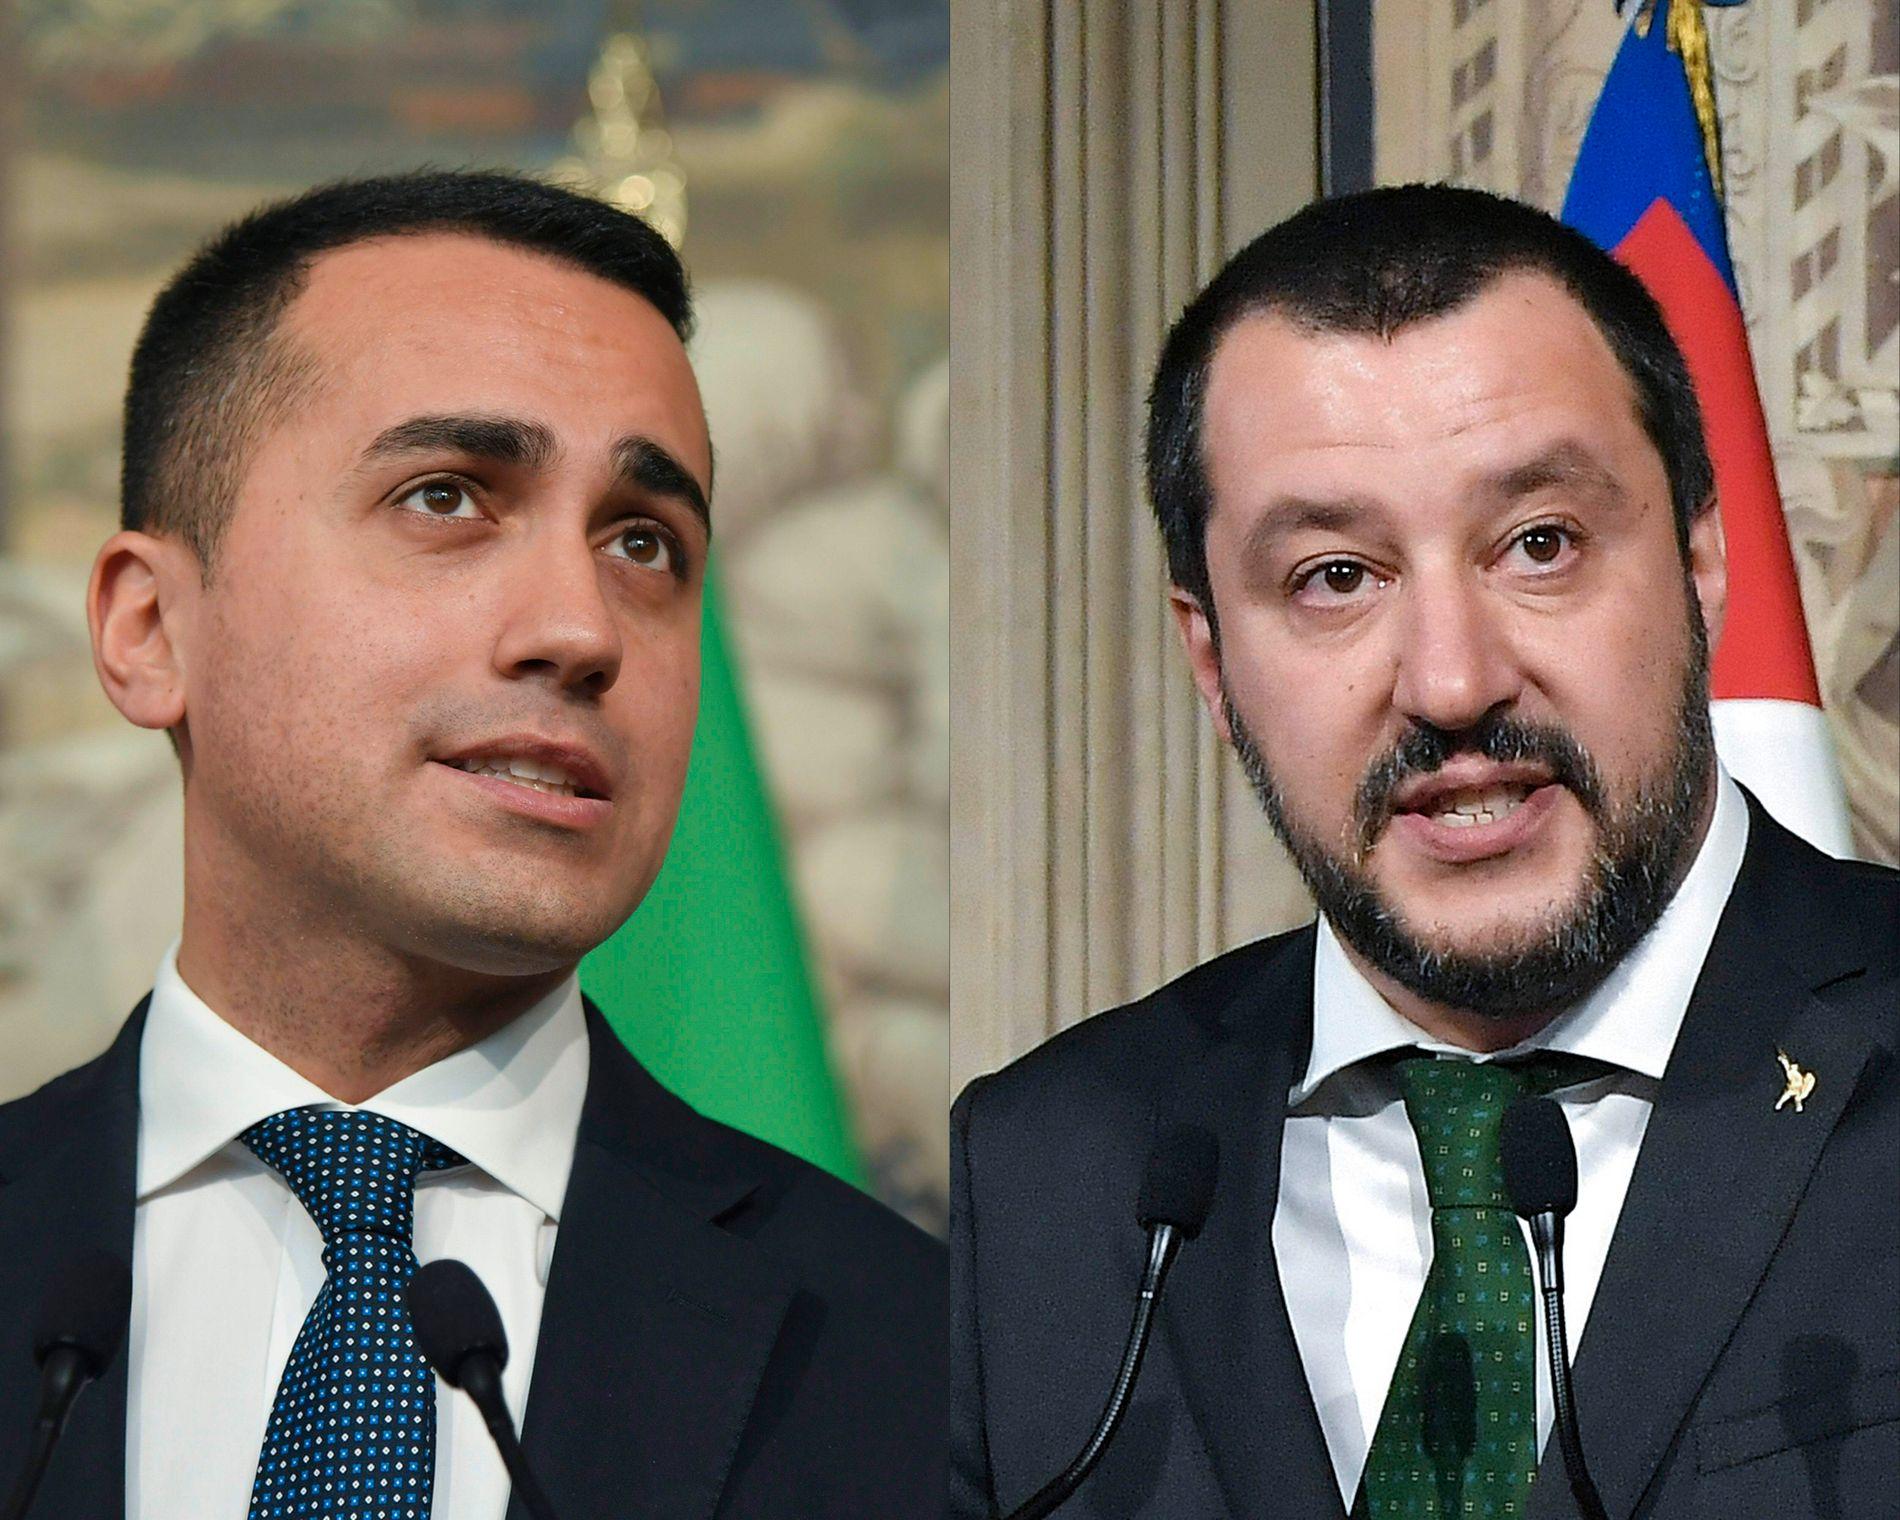 GÅR SAMMEN: Leder av Femstjernersbevegelsen, Luigi Di Maio, (t.v) og leder av Ligaen, Matteo Salvini, skal lede Italia sammen.